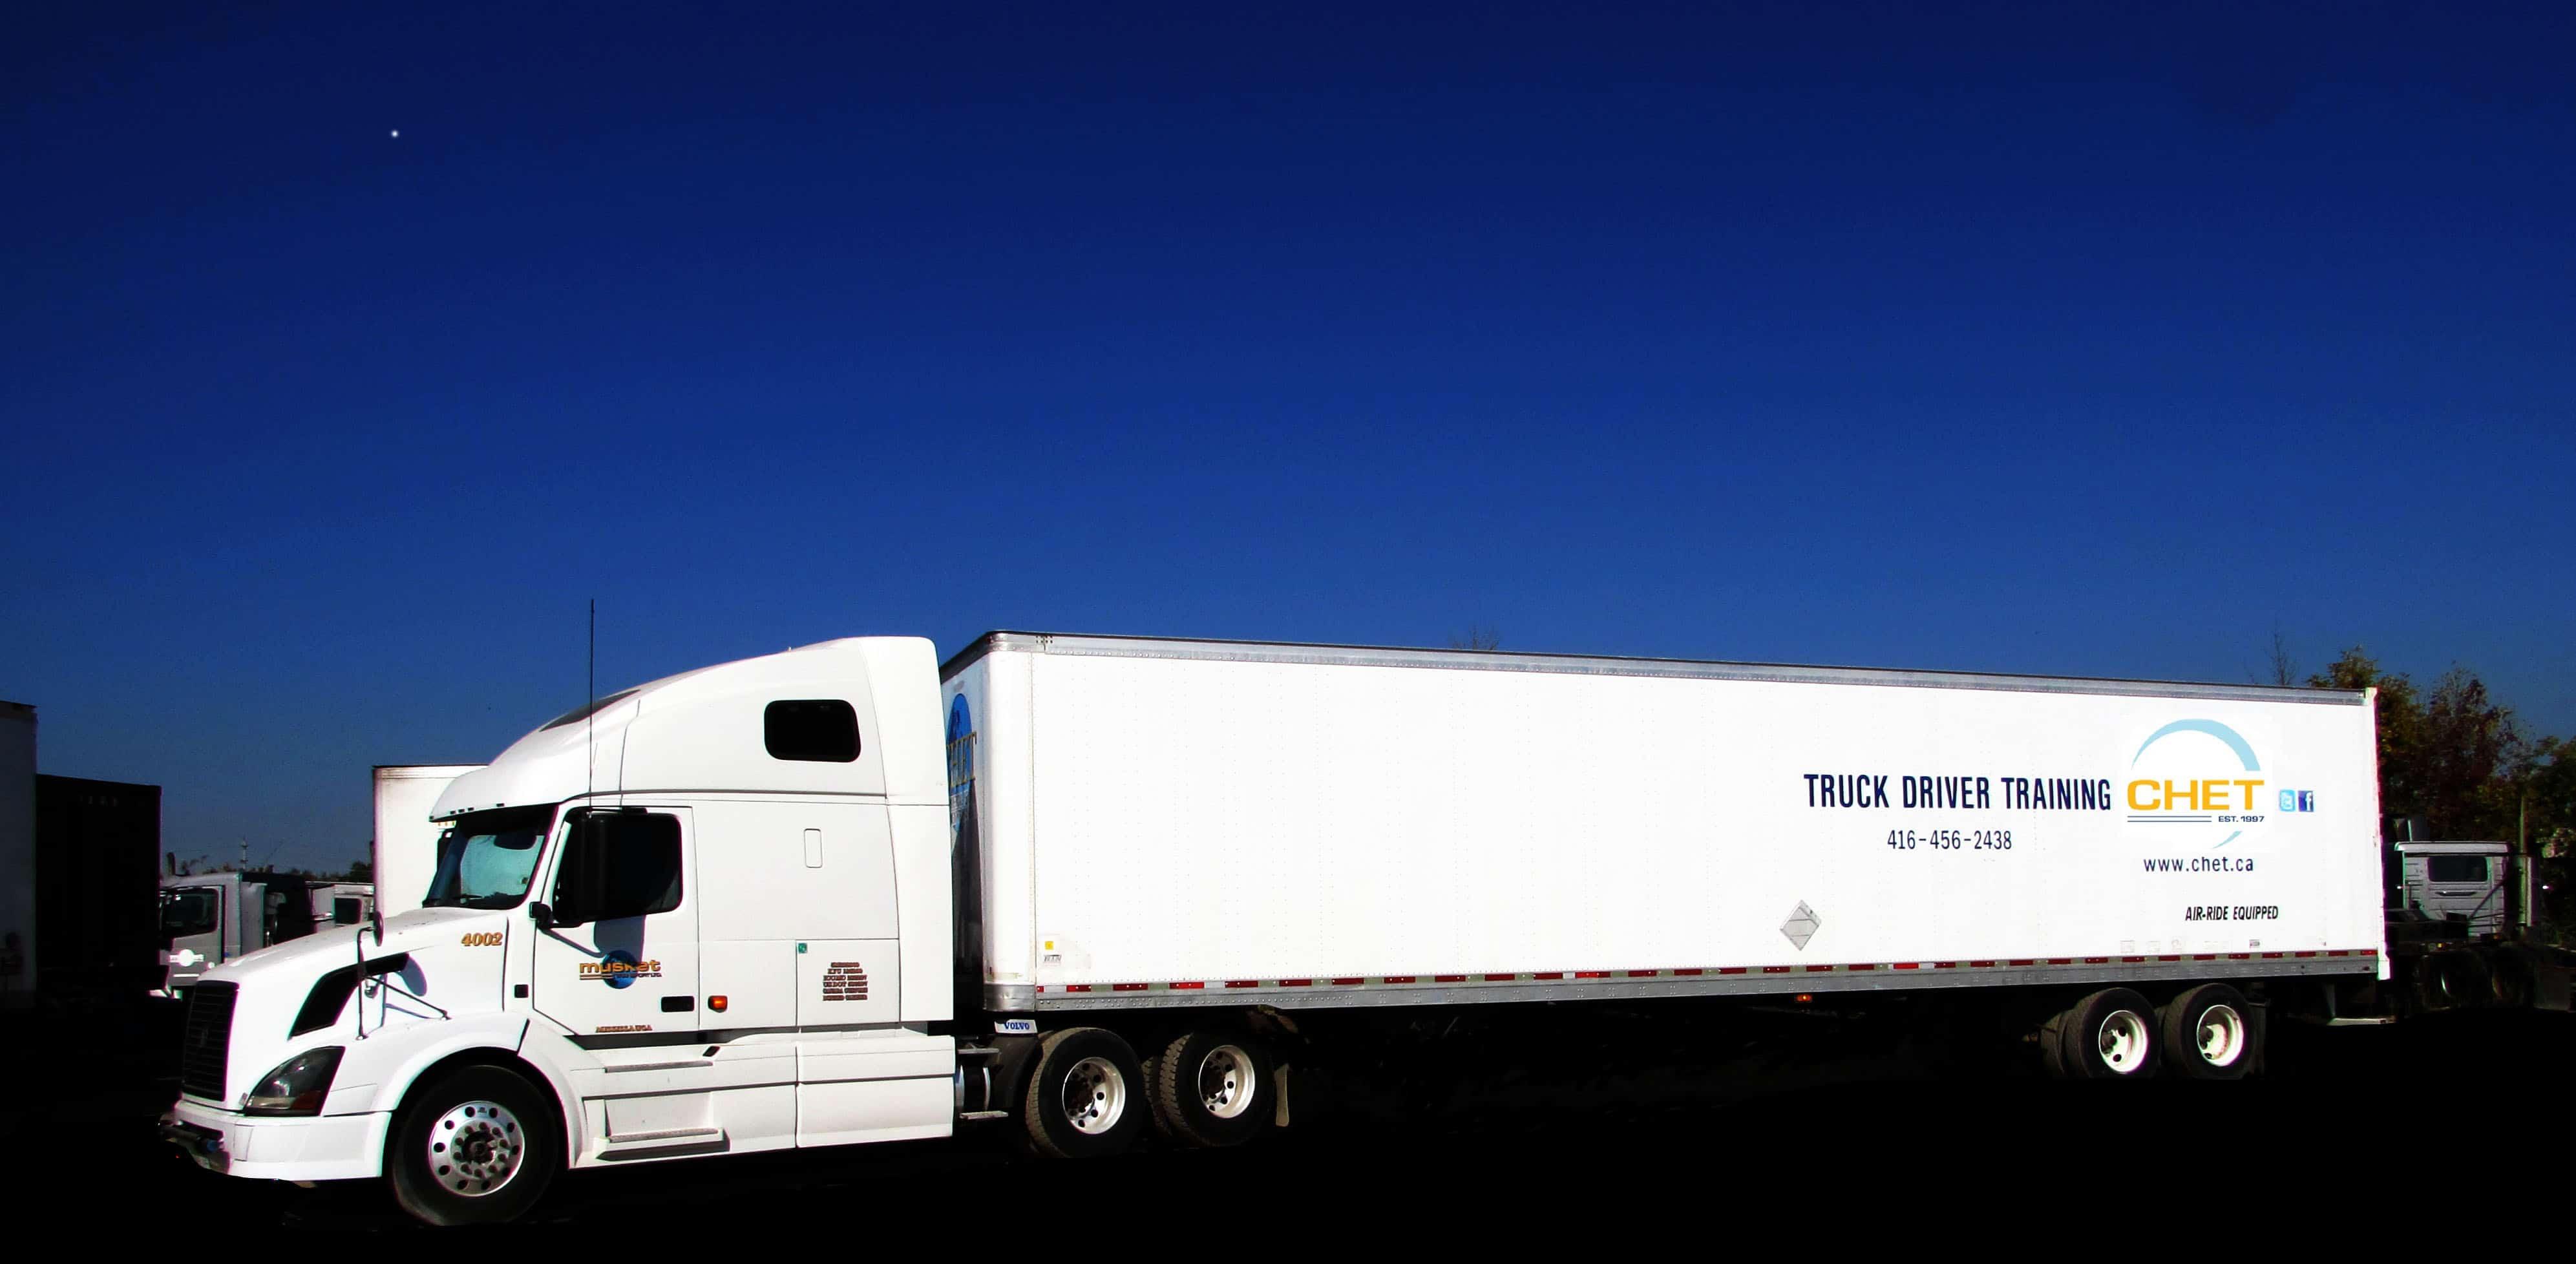 CHET Truck